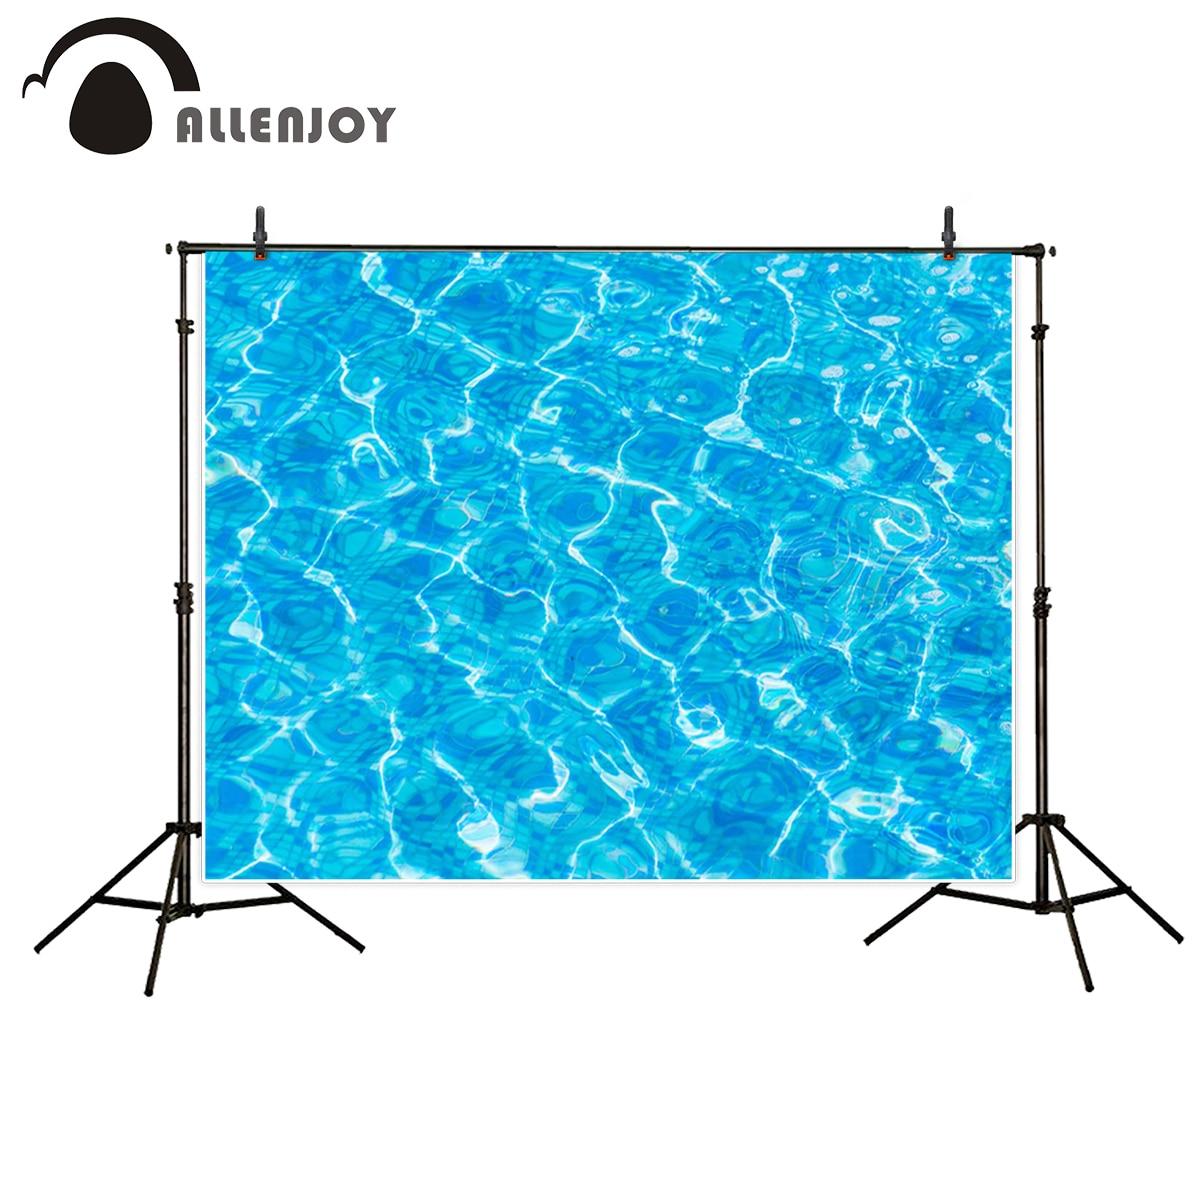 Paesaggi D Acqua Piscine us $10.28 26% di sconto allenjoy paesaggio foto sullo sfondo piscina di  acqua di estate sole photocall del vinile sfondo fotografico foto di  sfondo   